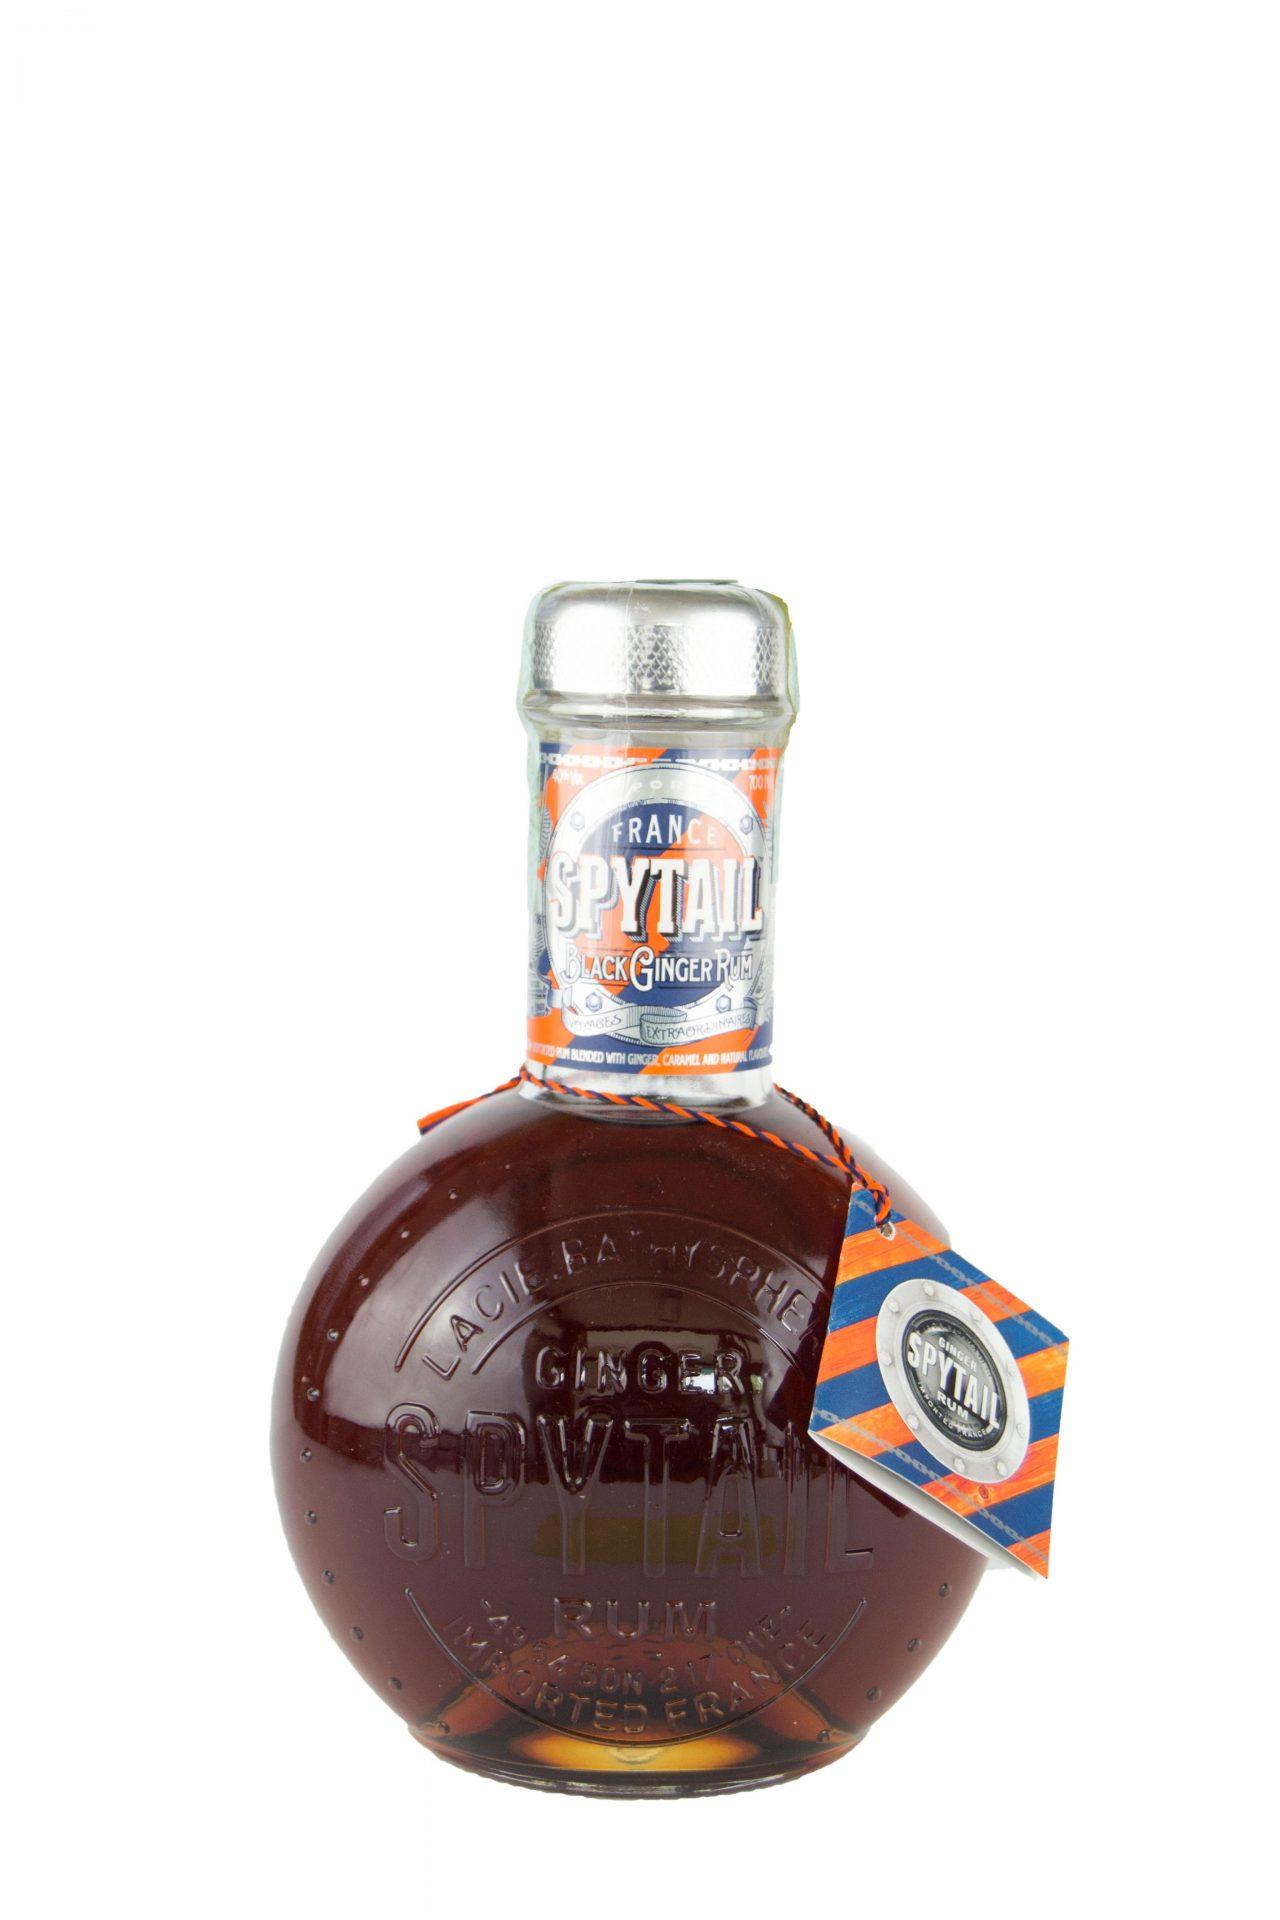 Spytail – Black Ginger Rum